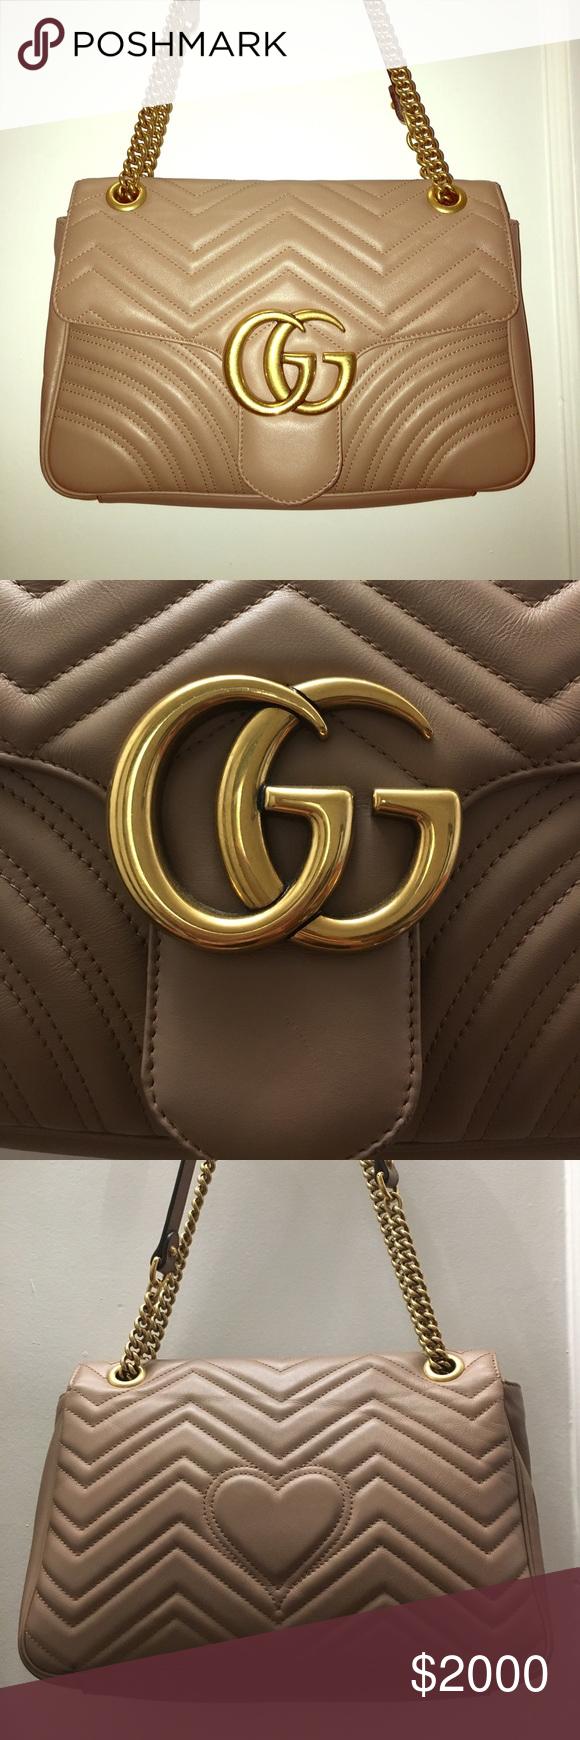 Gucci GG Marmont Matelassé Shoulder Bag 447632